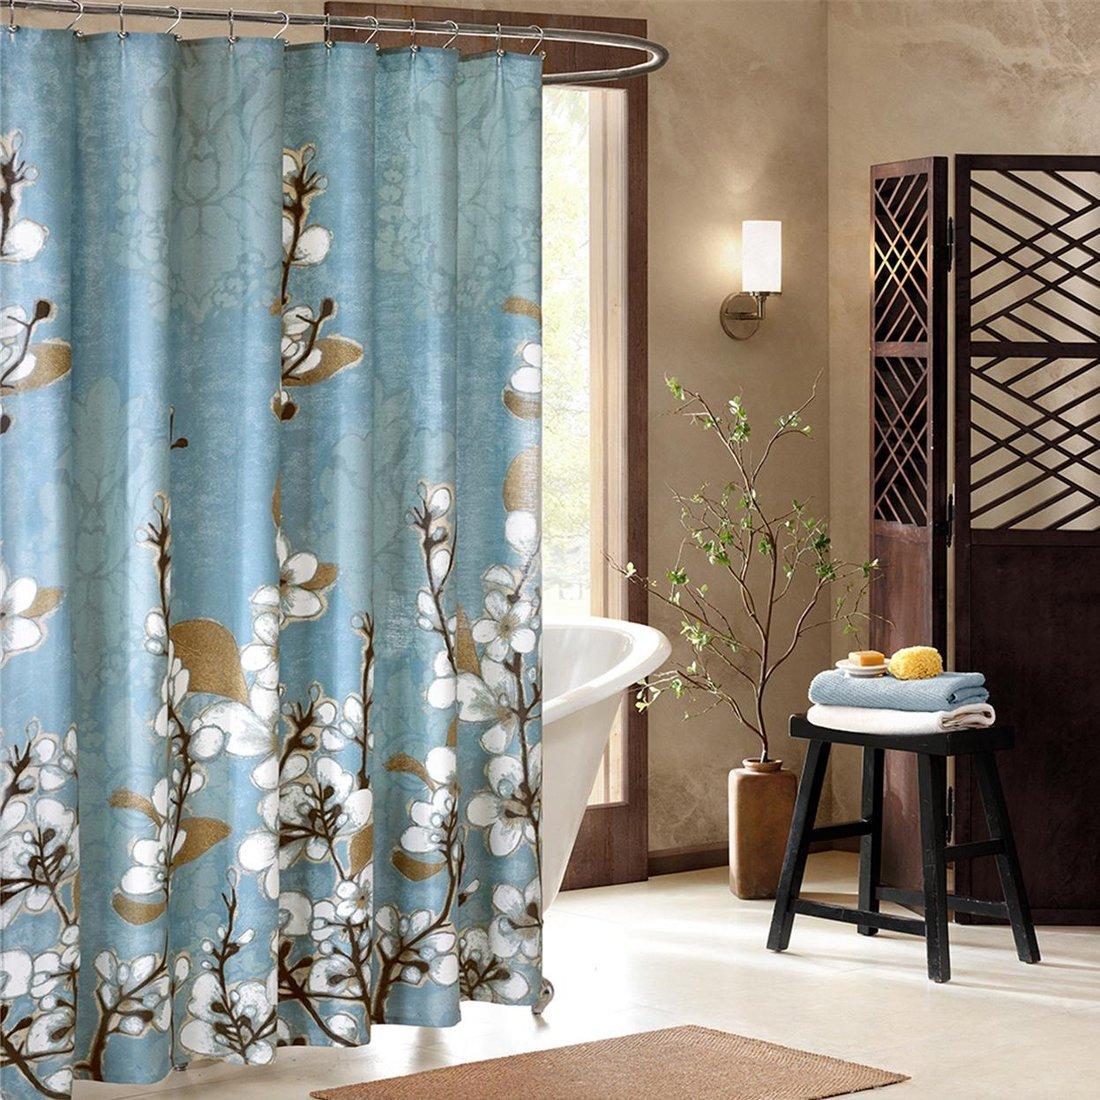 Hanakotoba синий душ Шторы, цветок полиэстер плесени, устойчива, растения для Ванная комната, Цветочный, принт Водонепроницаемый душ Шторы - 4